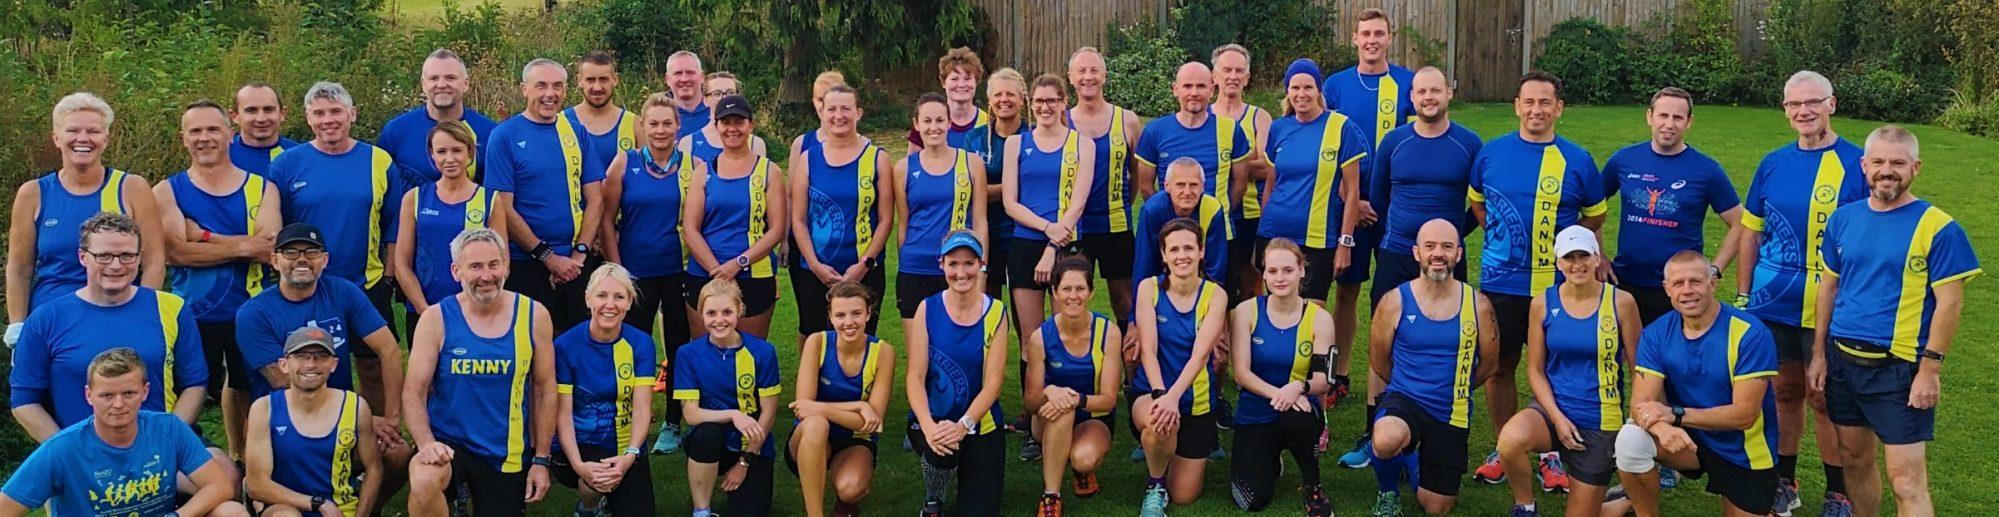 Danum Harriers Running Club